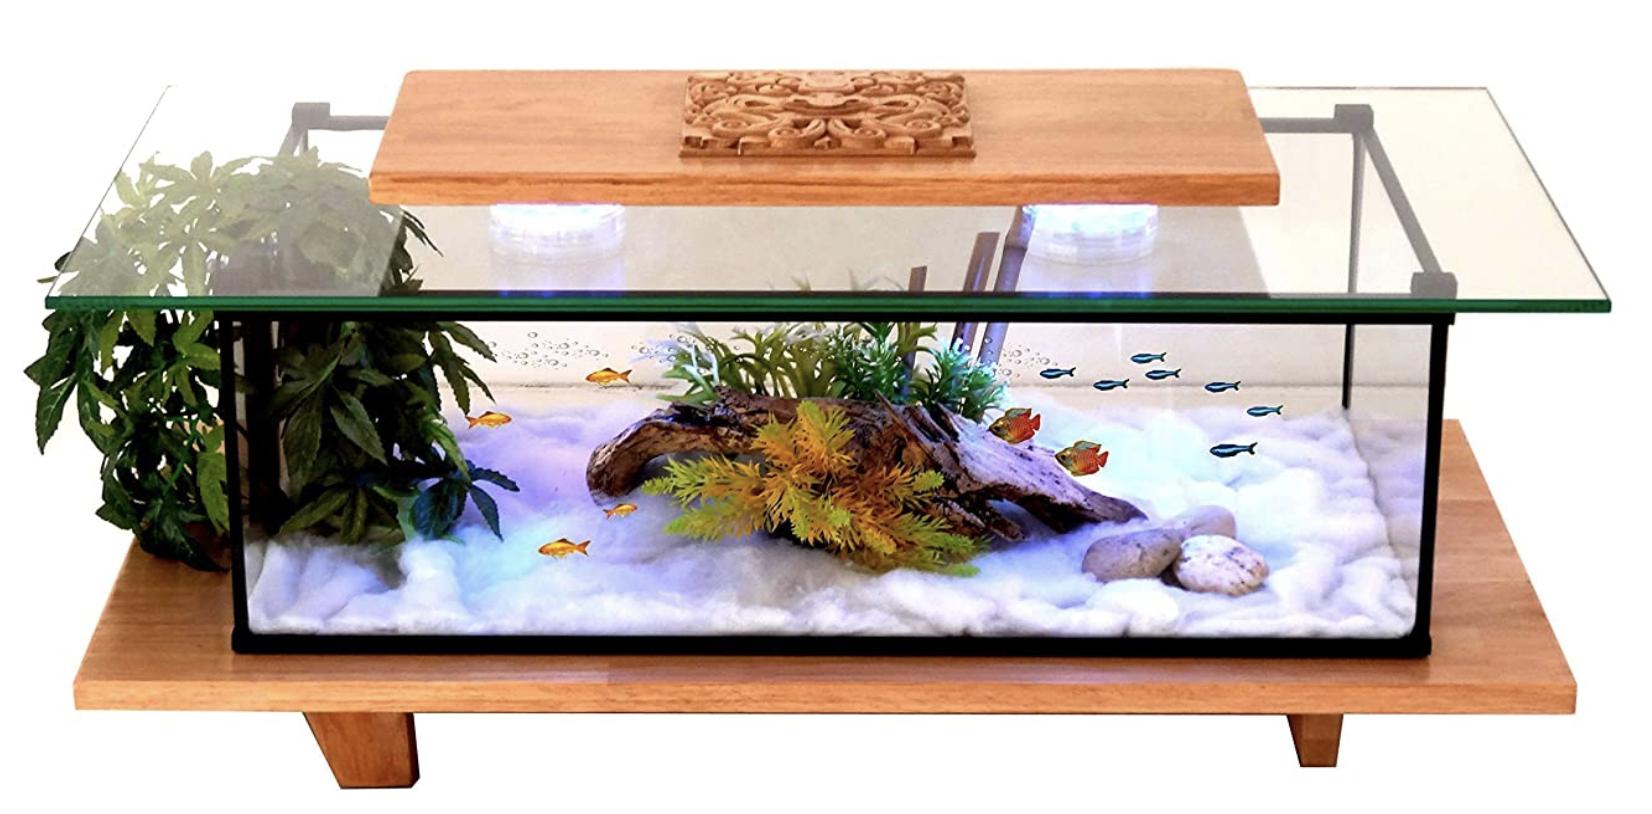 Table Basse Aquarium: Classement, Guide Achat & Avis à Aquarium